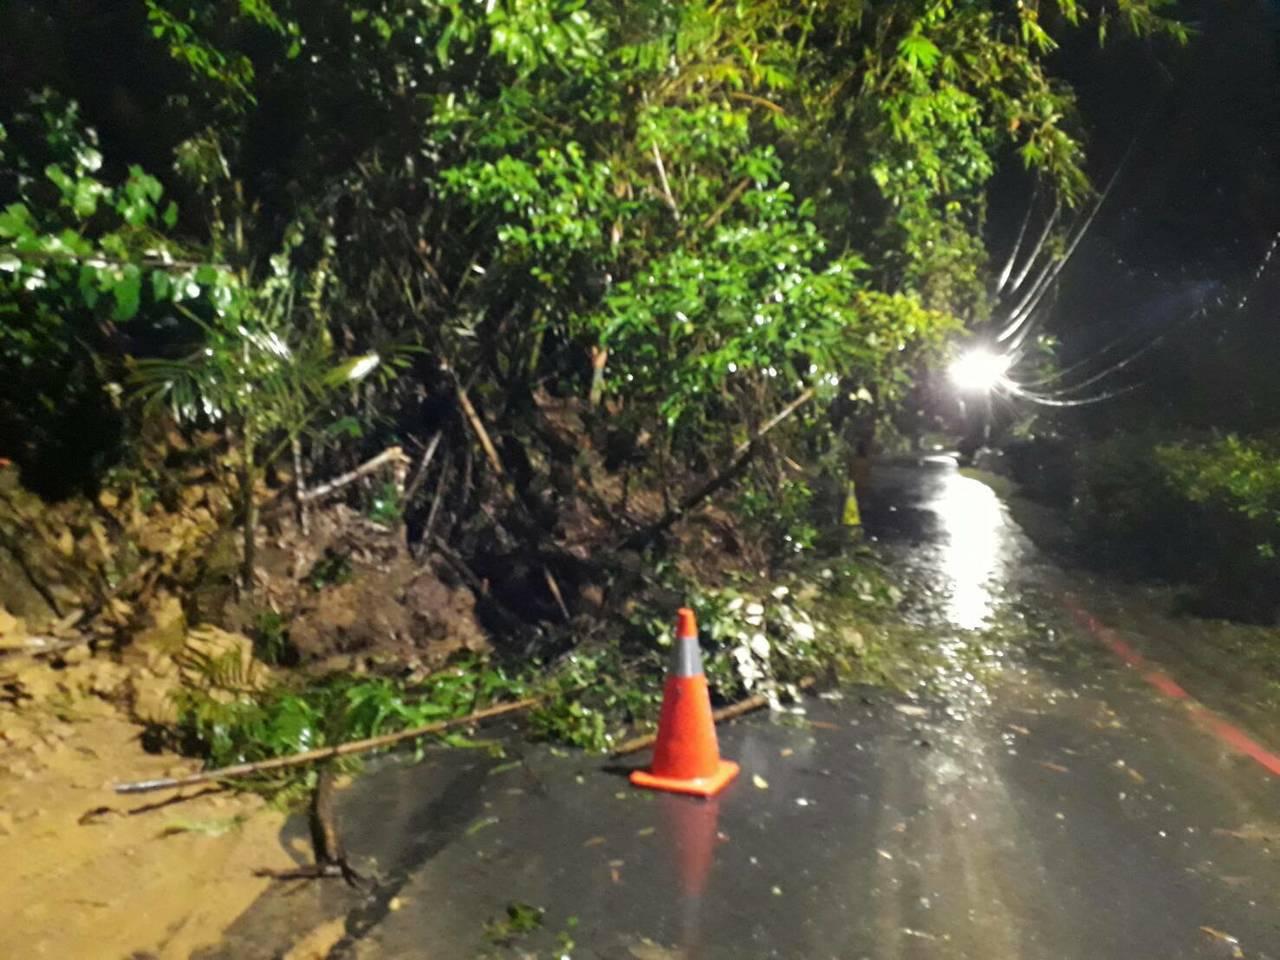 基隆連夜大雨,多處土石滑落自強路淹水警一度封閉。圖/警方提供